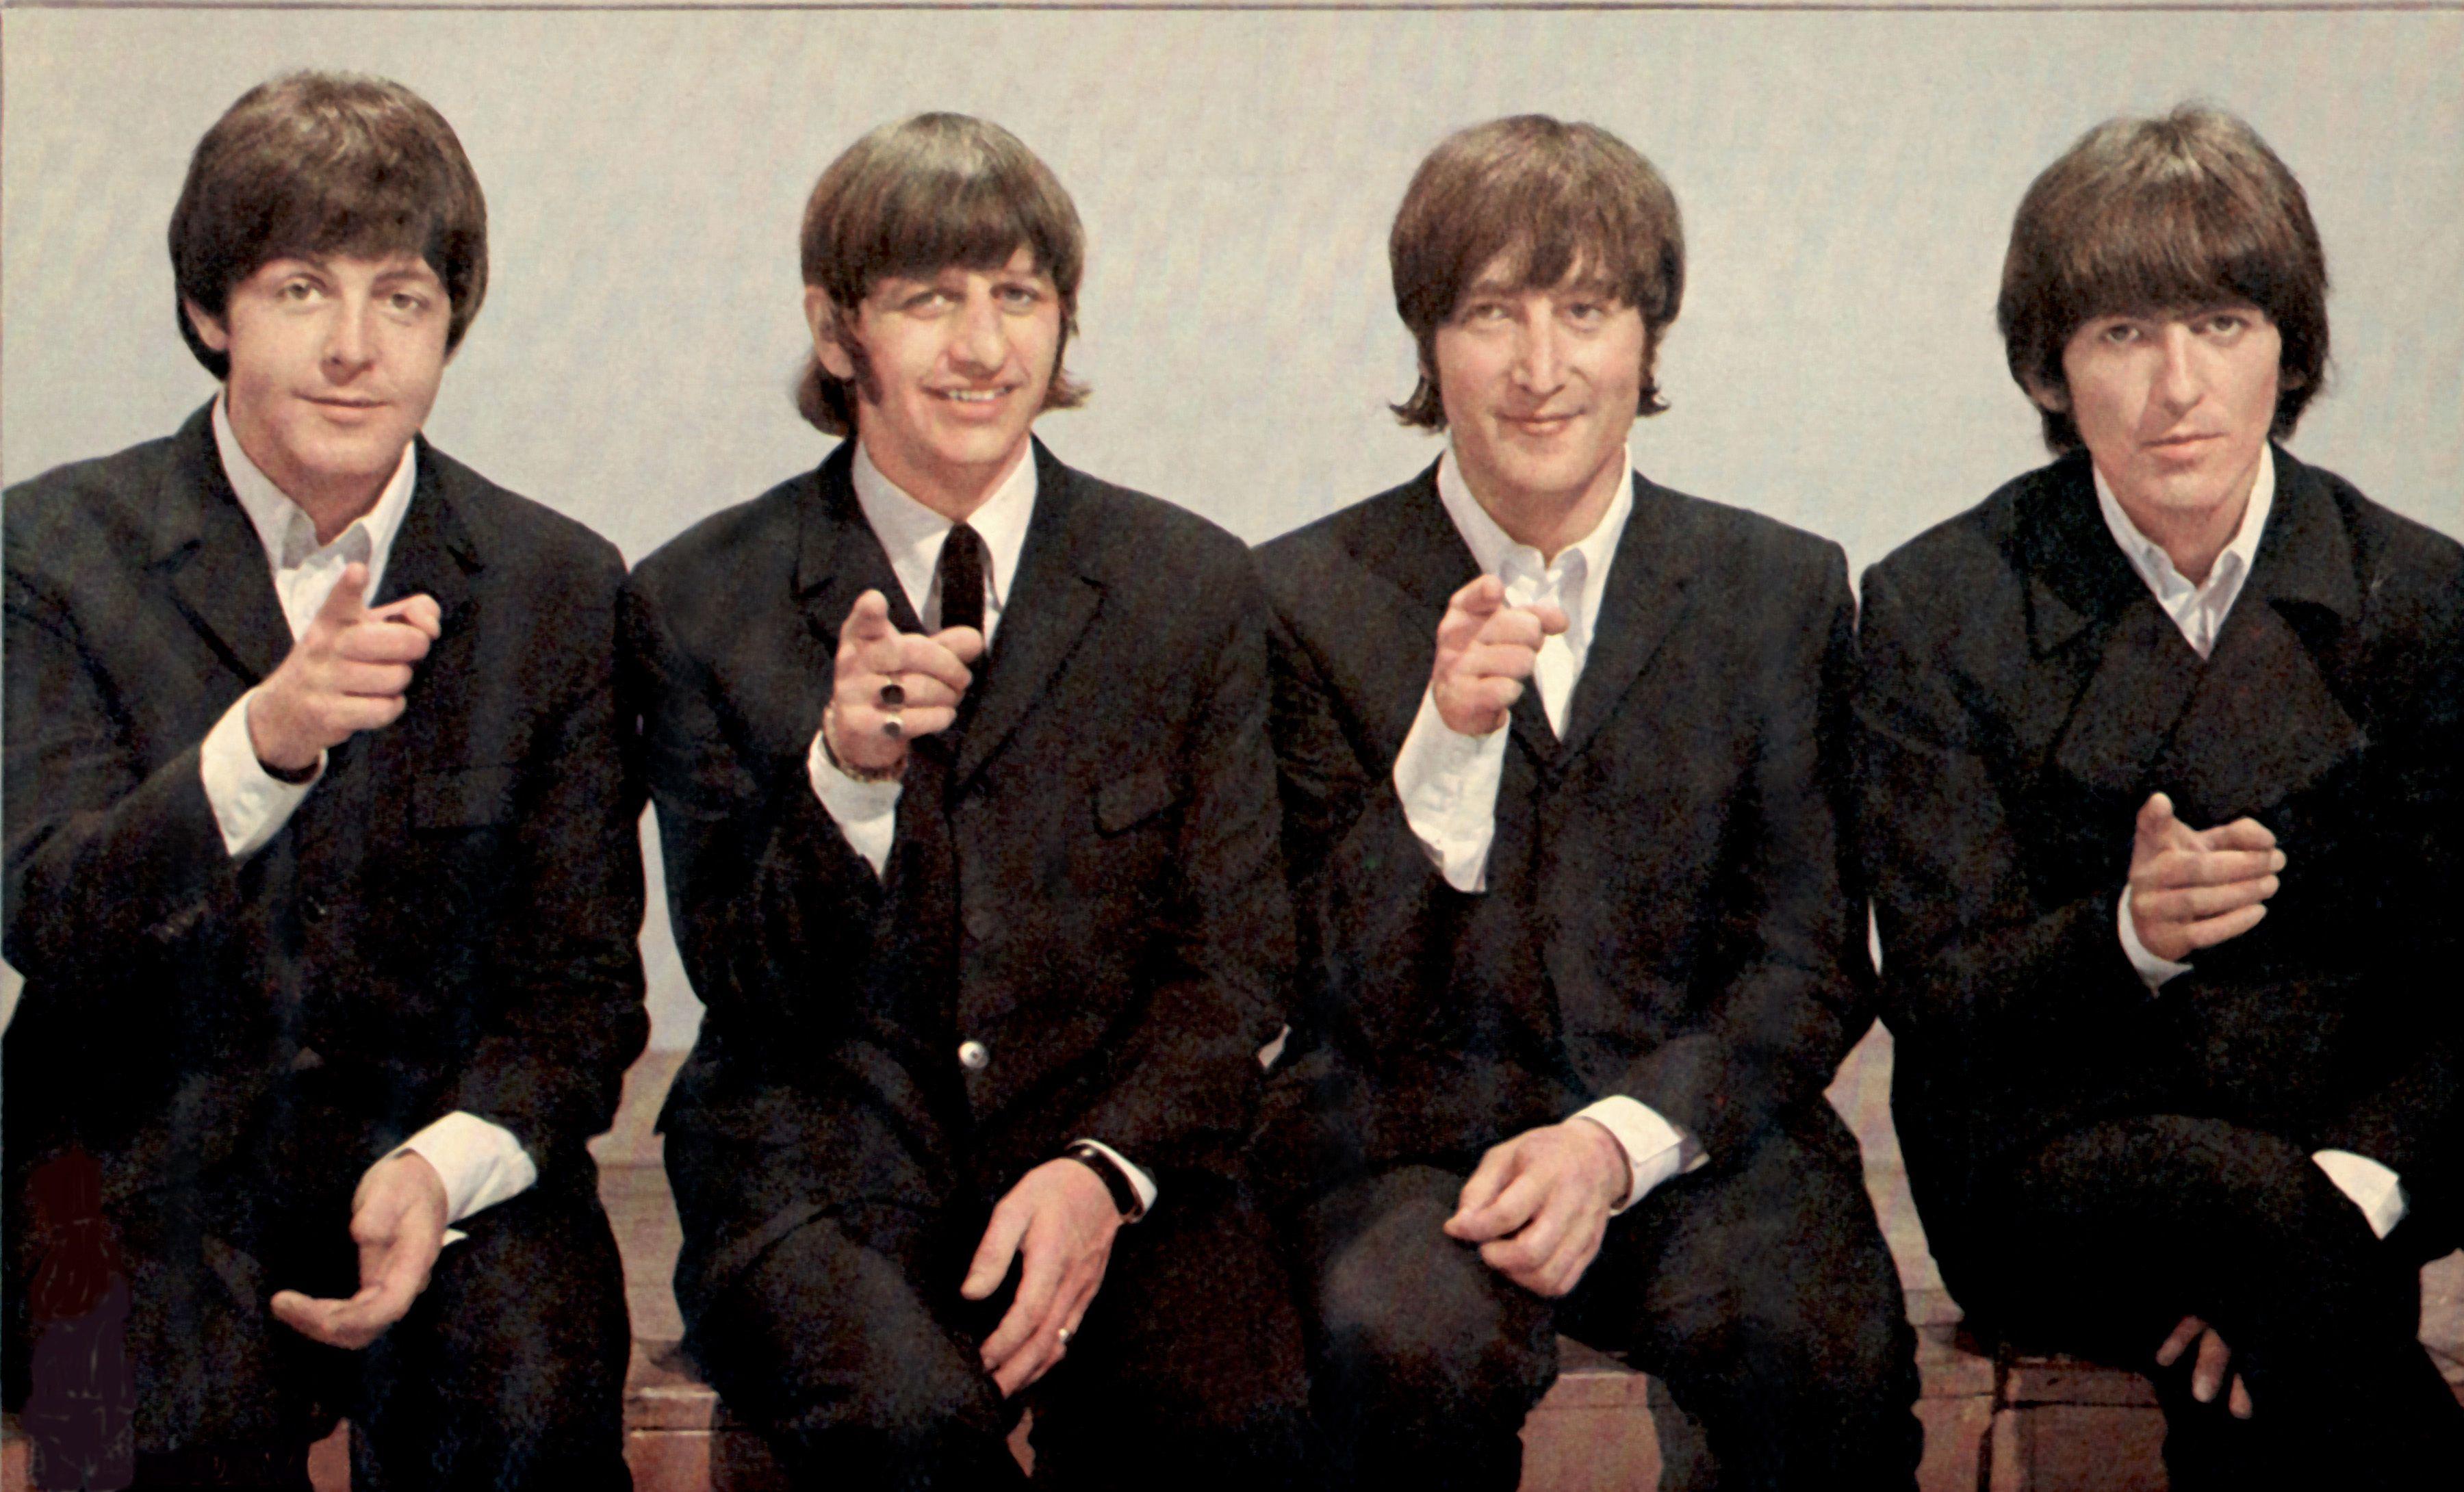 The Beatles Wallpapers Hd In 2020 The Beatles Beatles Songs Paul Mccartney